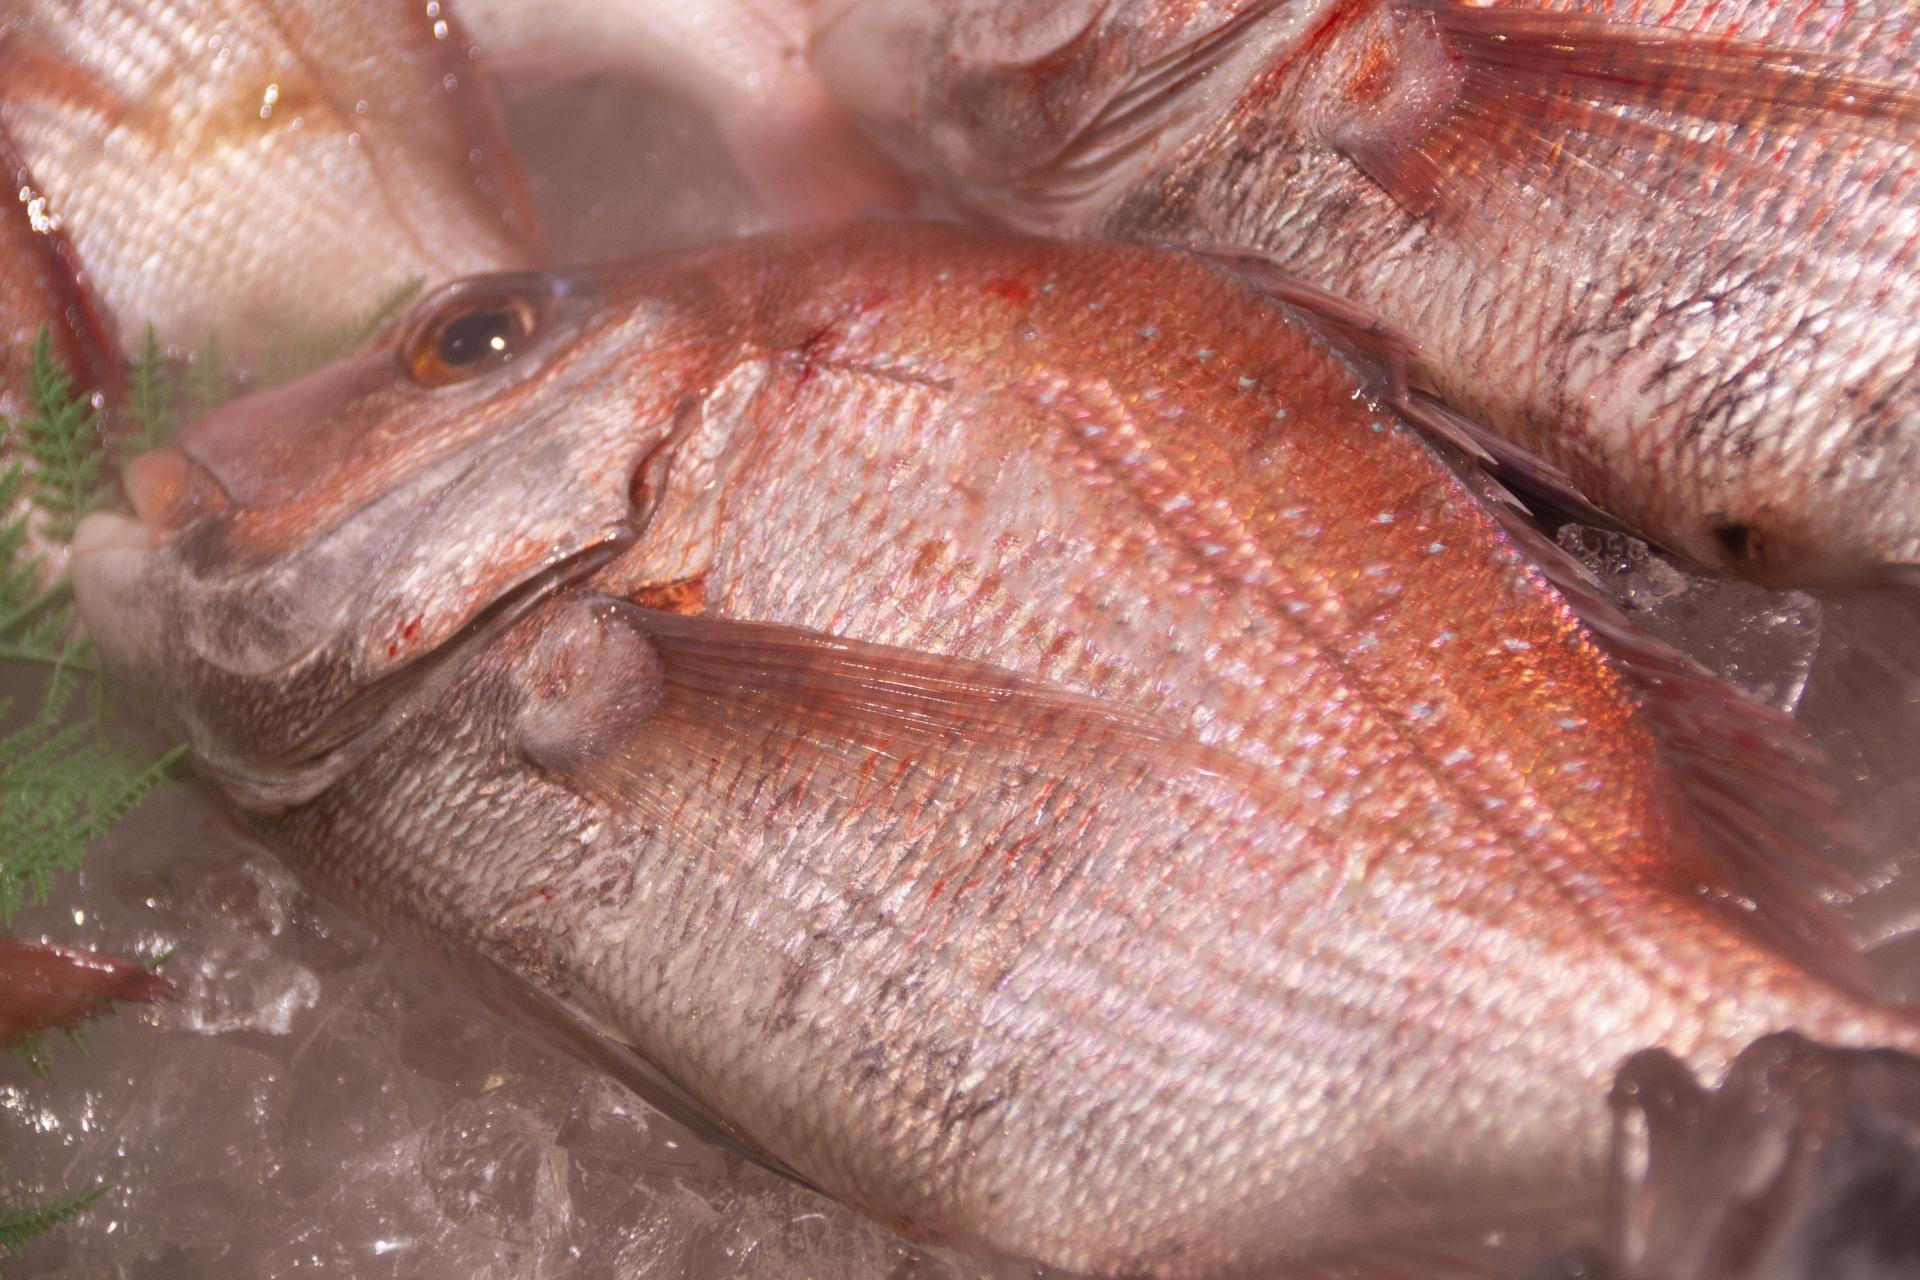 鯛めし、鯛茶漬けが美味!鯛のダイエットとアンチエイジング効果、鯛の種類も解説